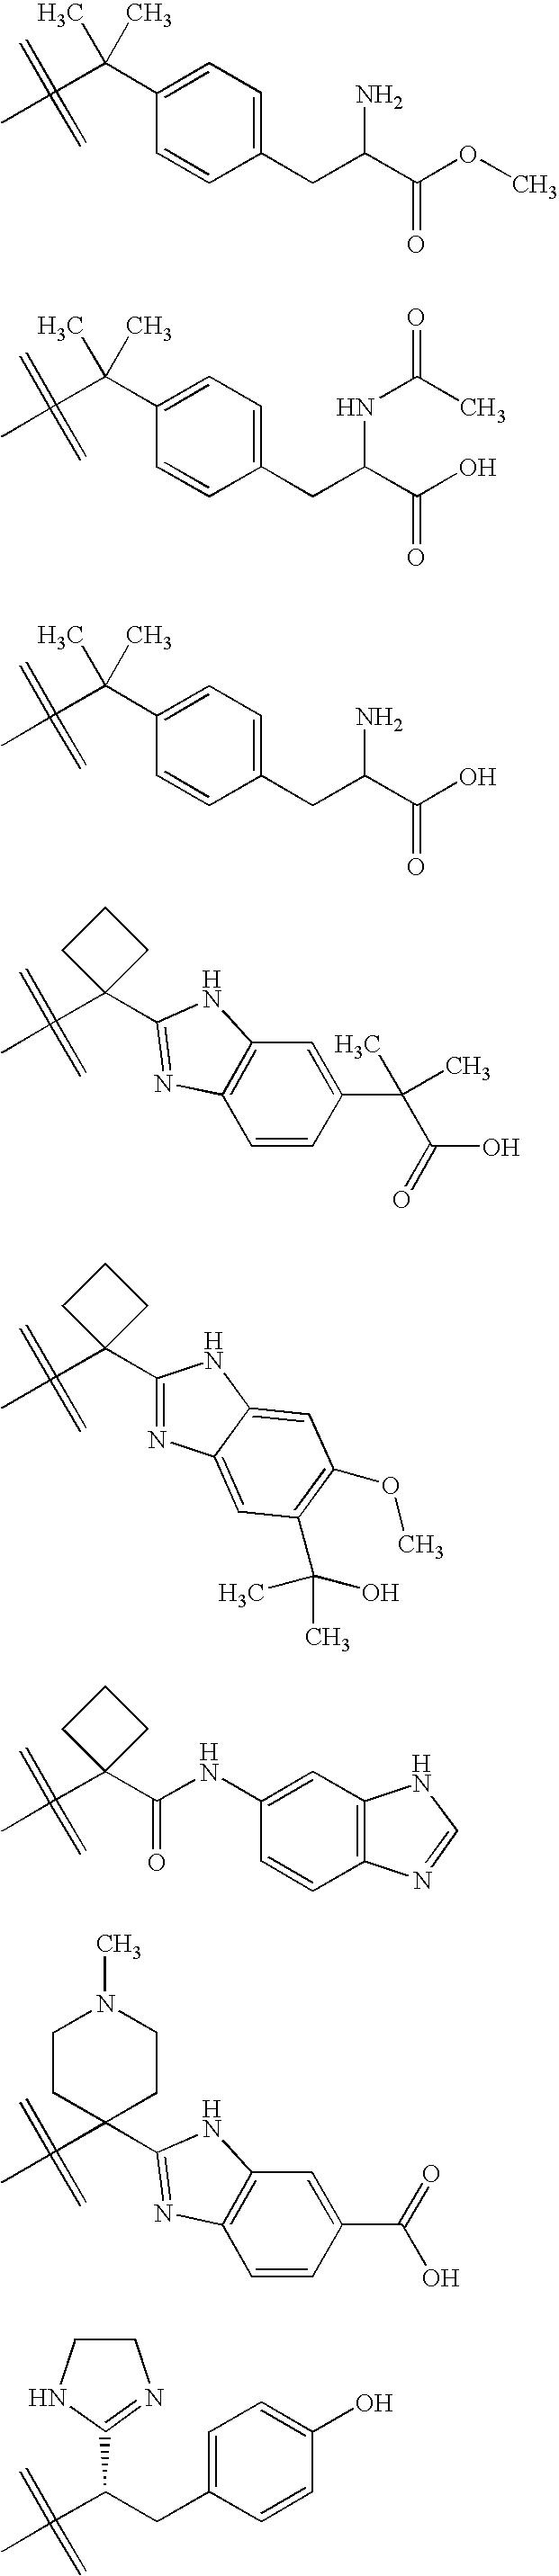 Figure US20070049593A1-20070301-C00197